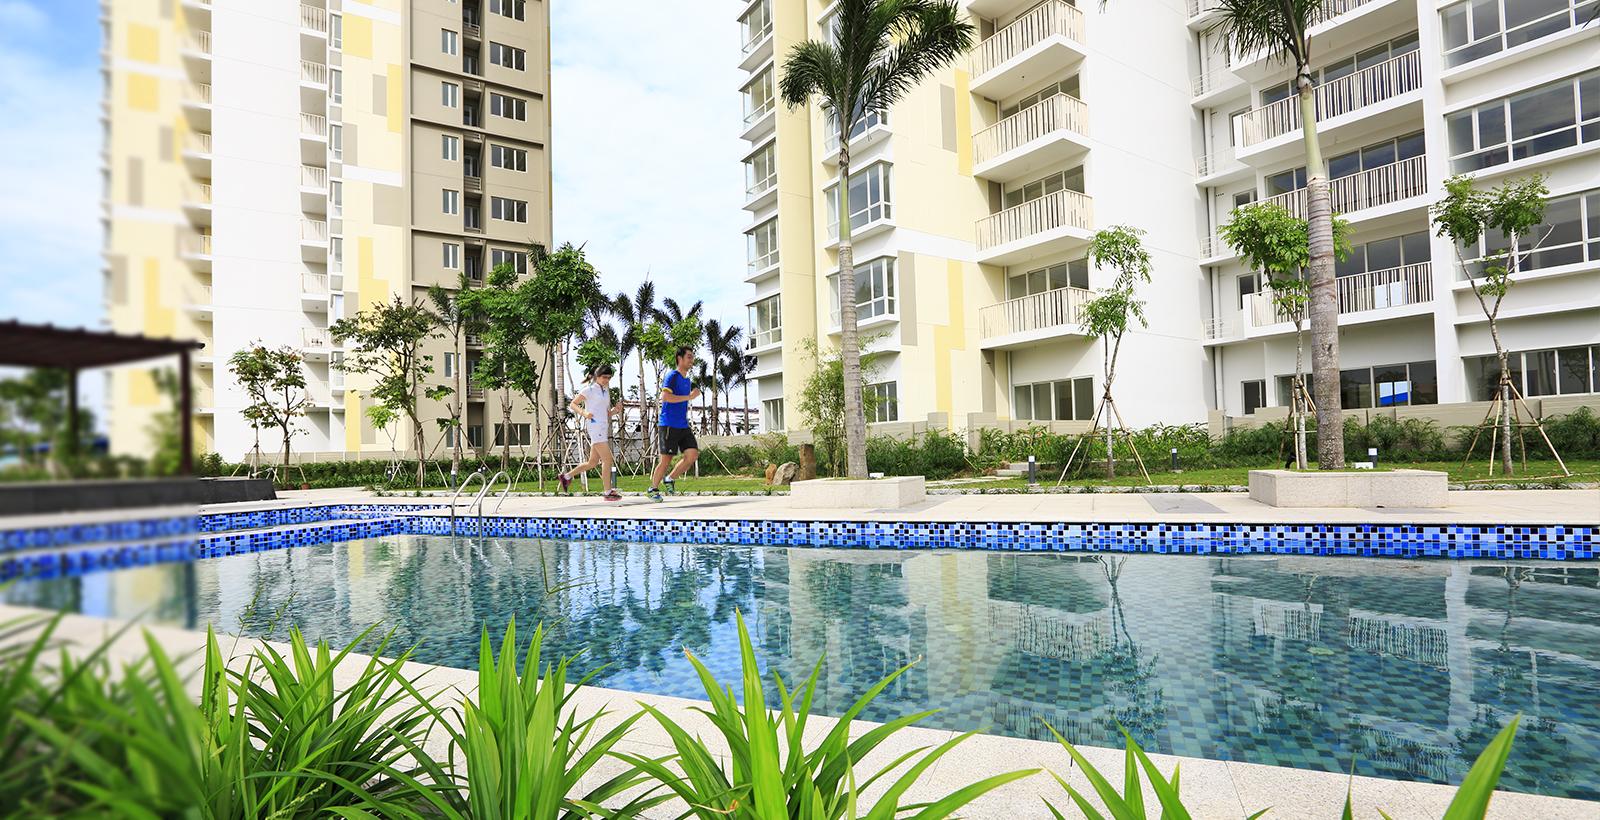 The Canary Plaza – dự án nổi bật được thiết kế đơn vị thiết kế cảnh quan Tropical Village Phú Quốc – Land Sculptor Studio